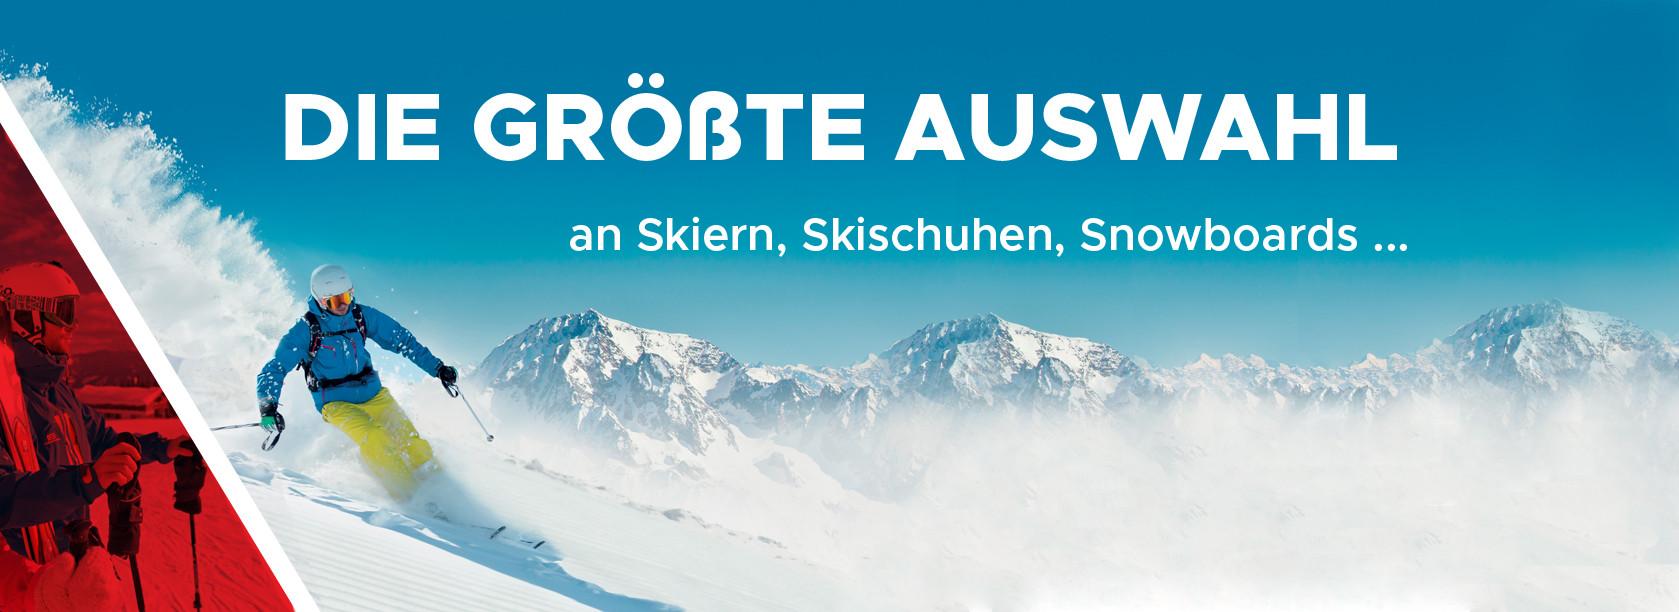 Die größte Auswahl an Skiern, Skischuhen, Snowboards ...